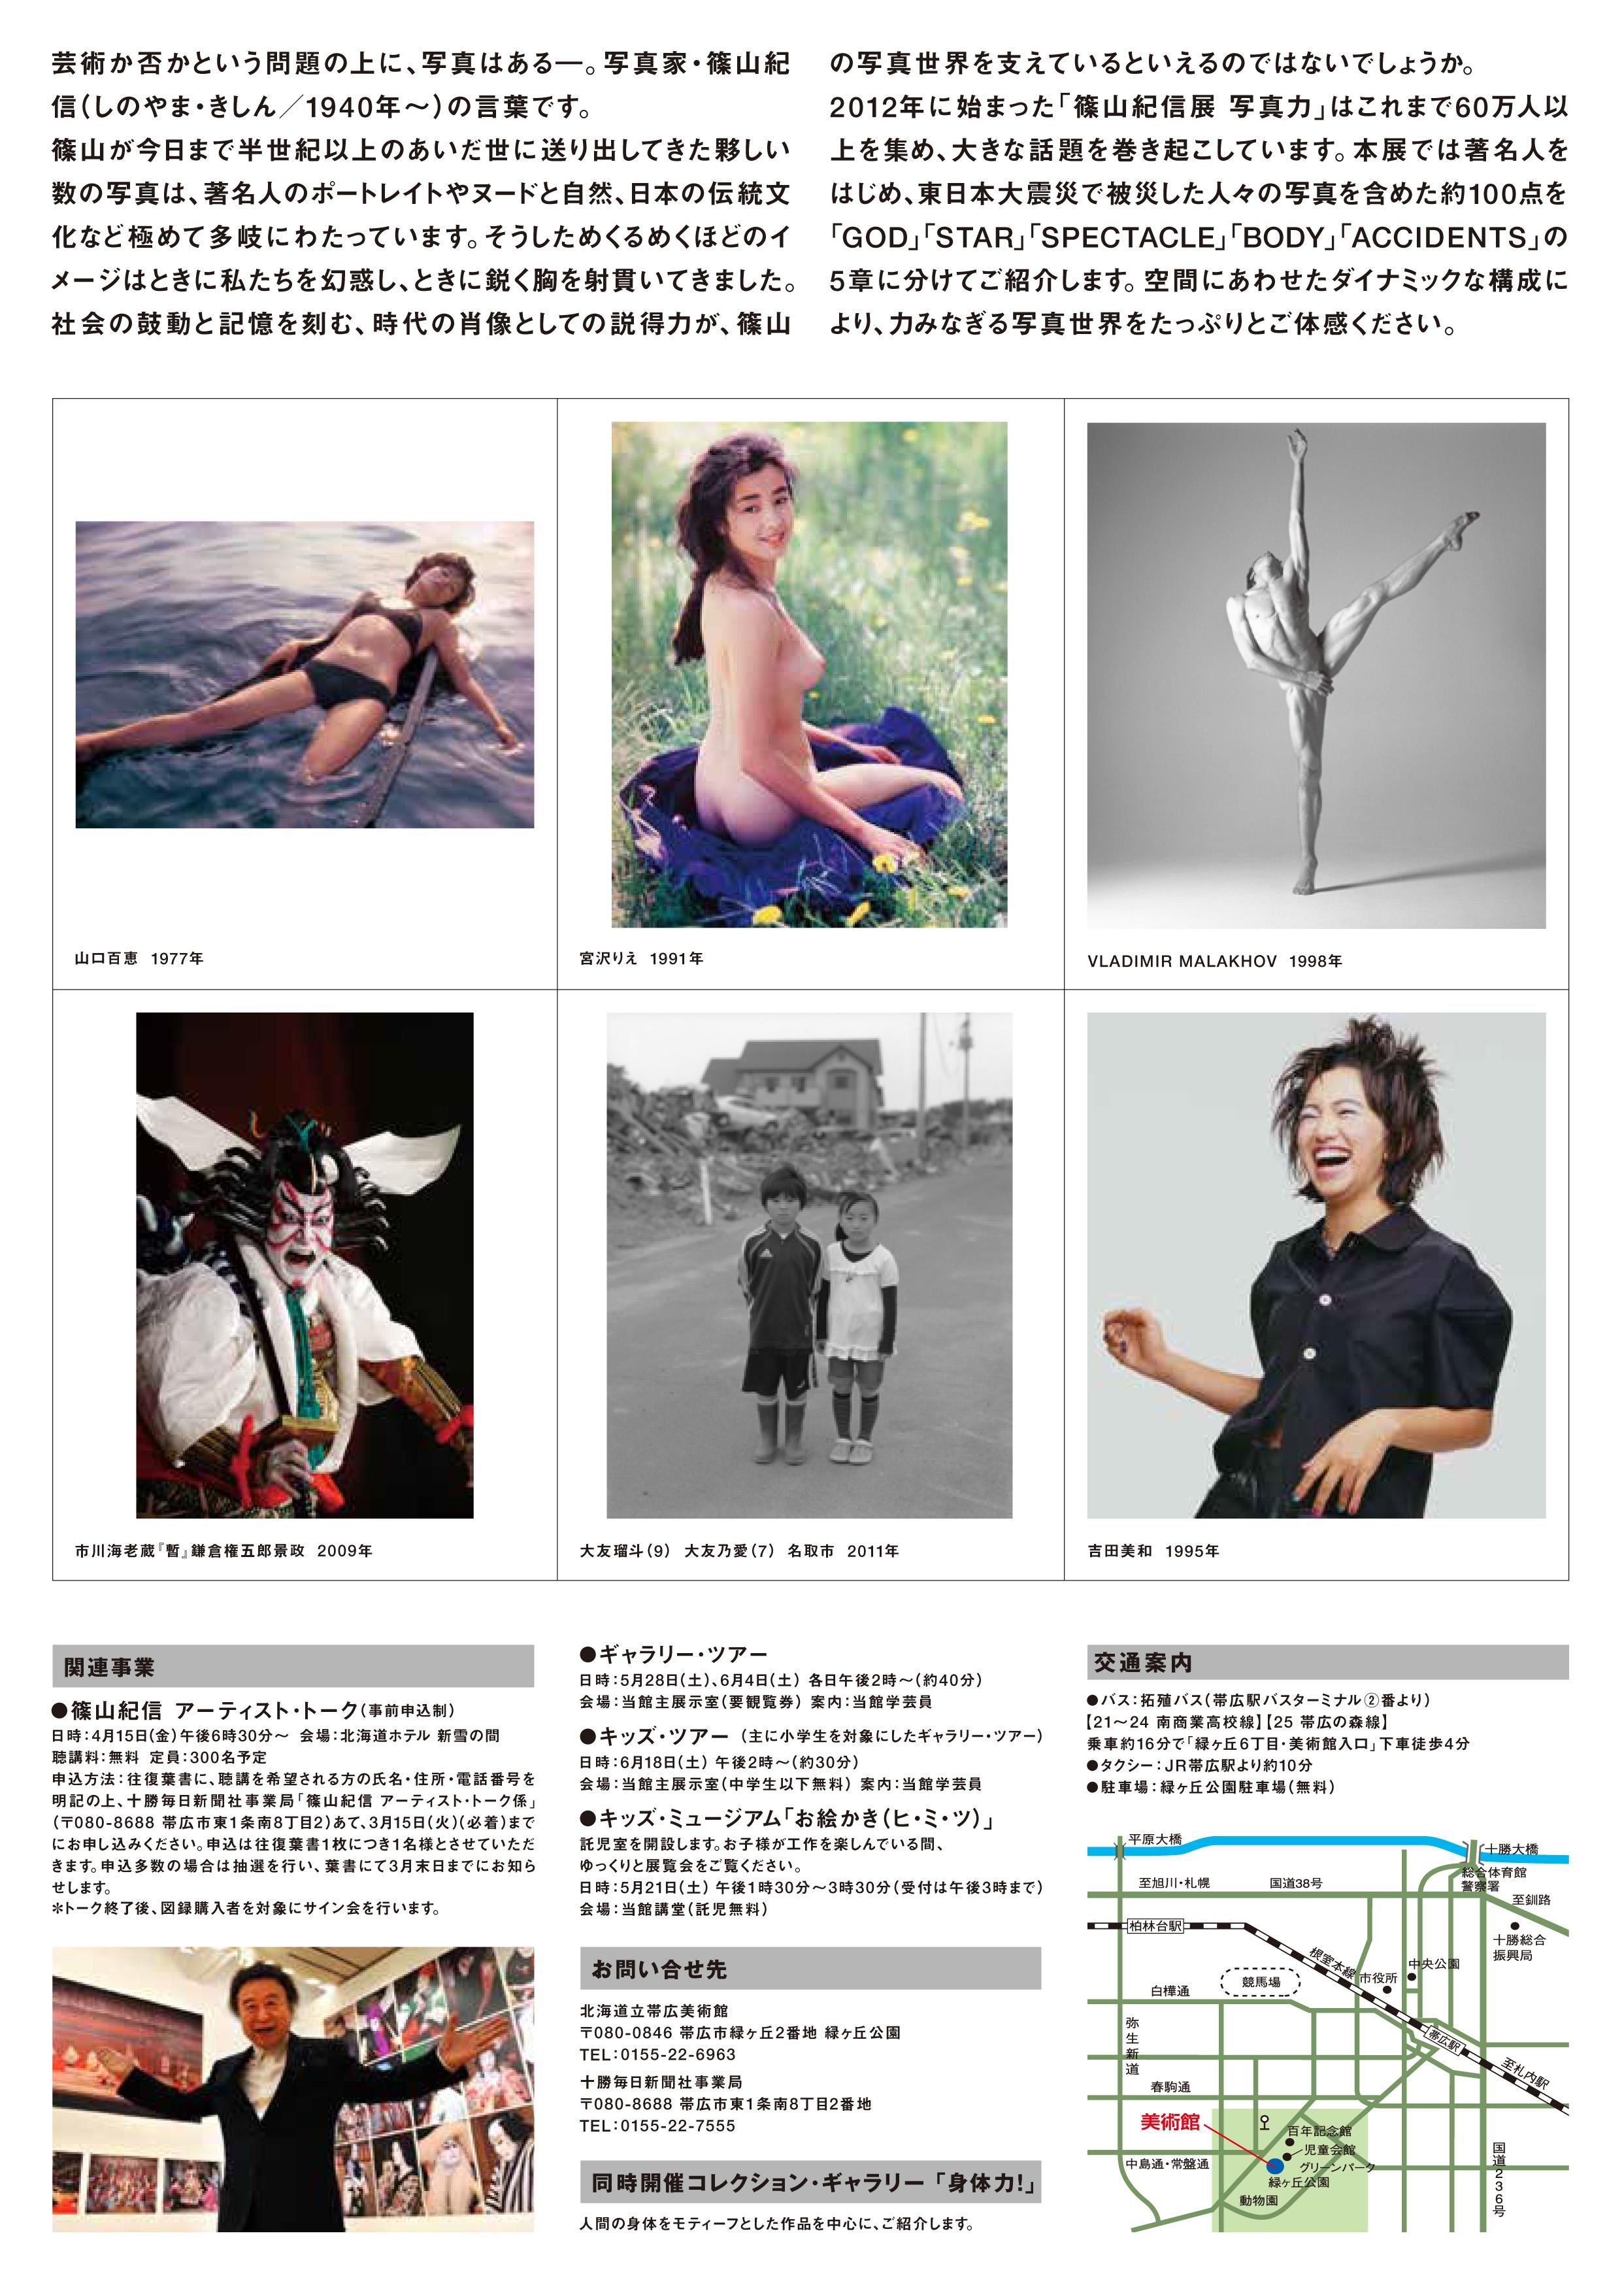 篠山紀信・写真力 帯広美術館